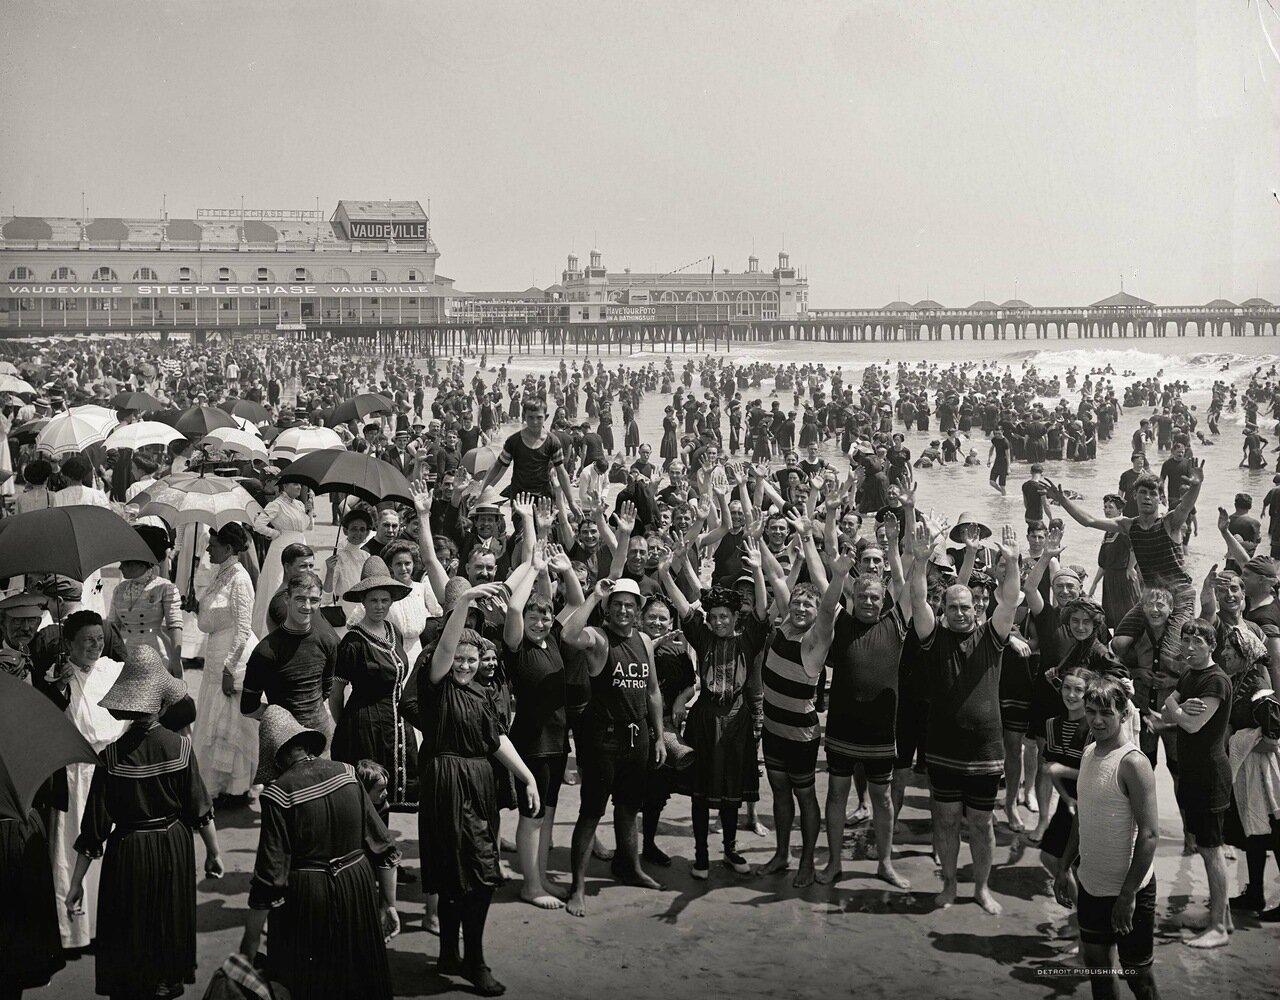 На пляже в Атлантик-Сити, Нью-Джерси, 1900-1920 гг.